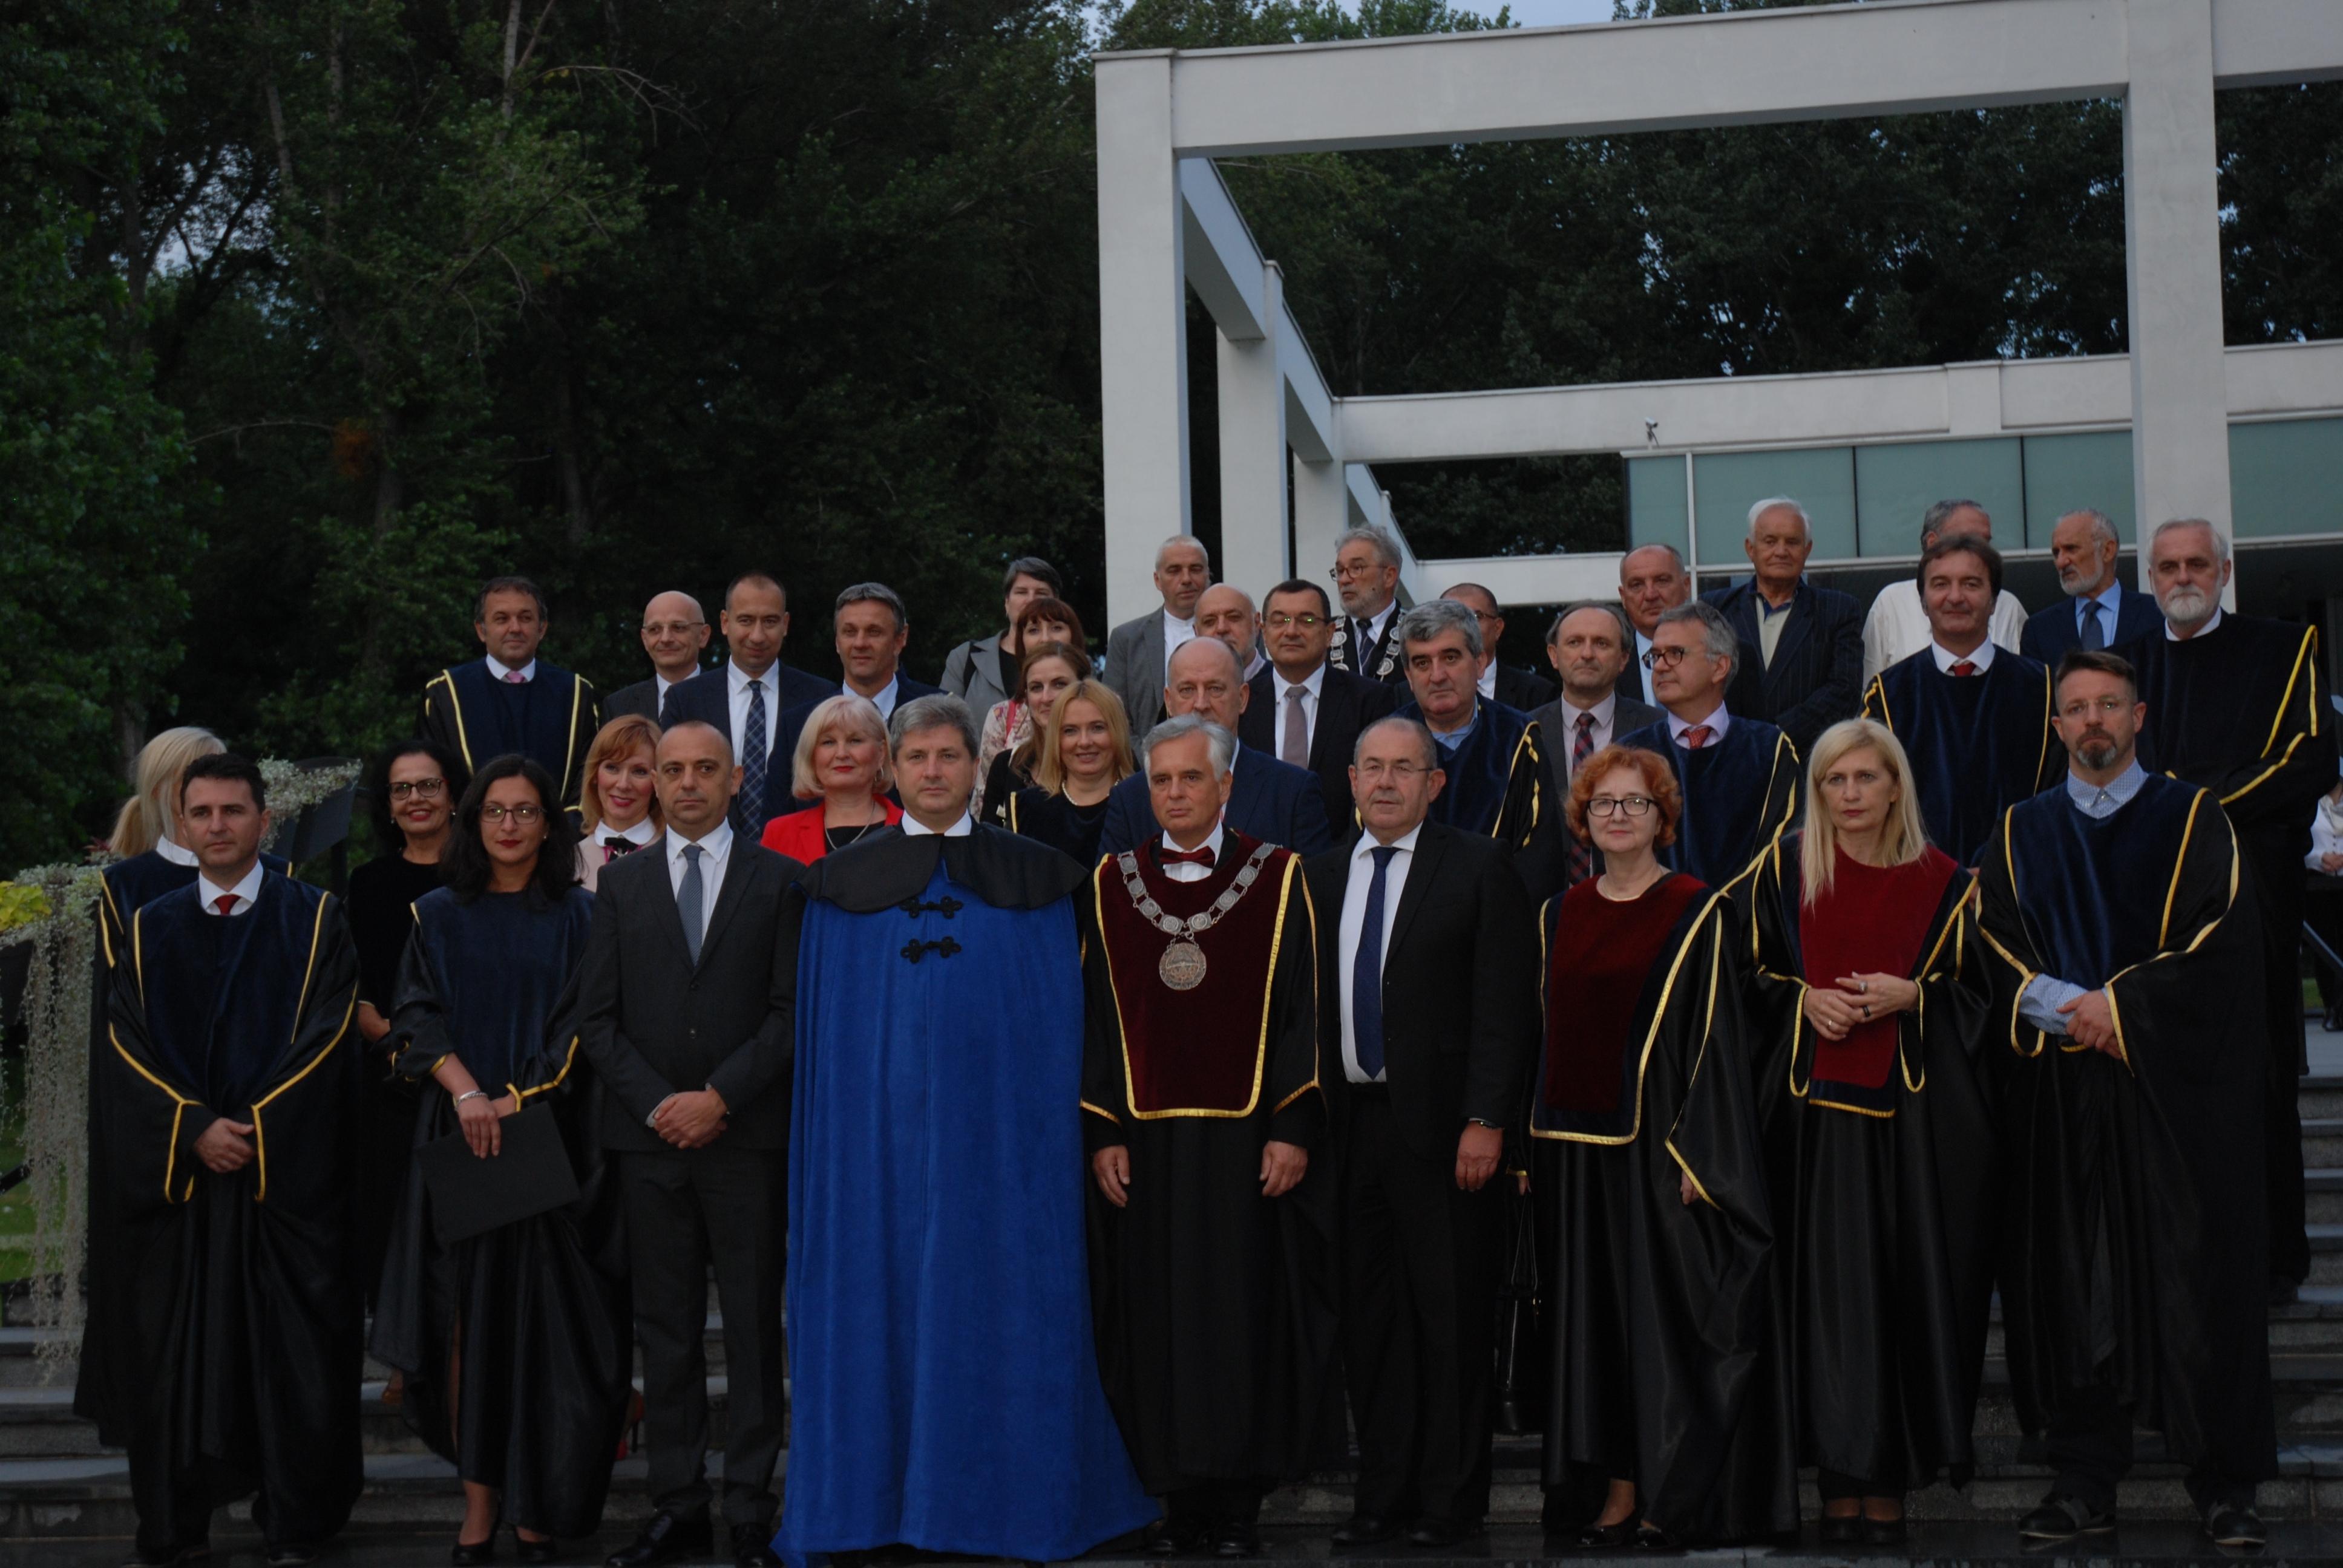 Почасни доктор наука УНС, ректор, Декани и представници друштвено политичке заједнице